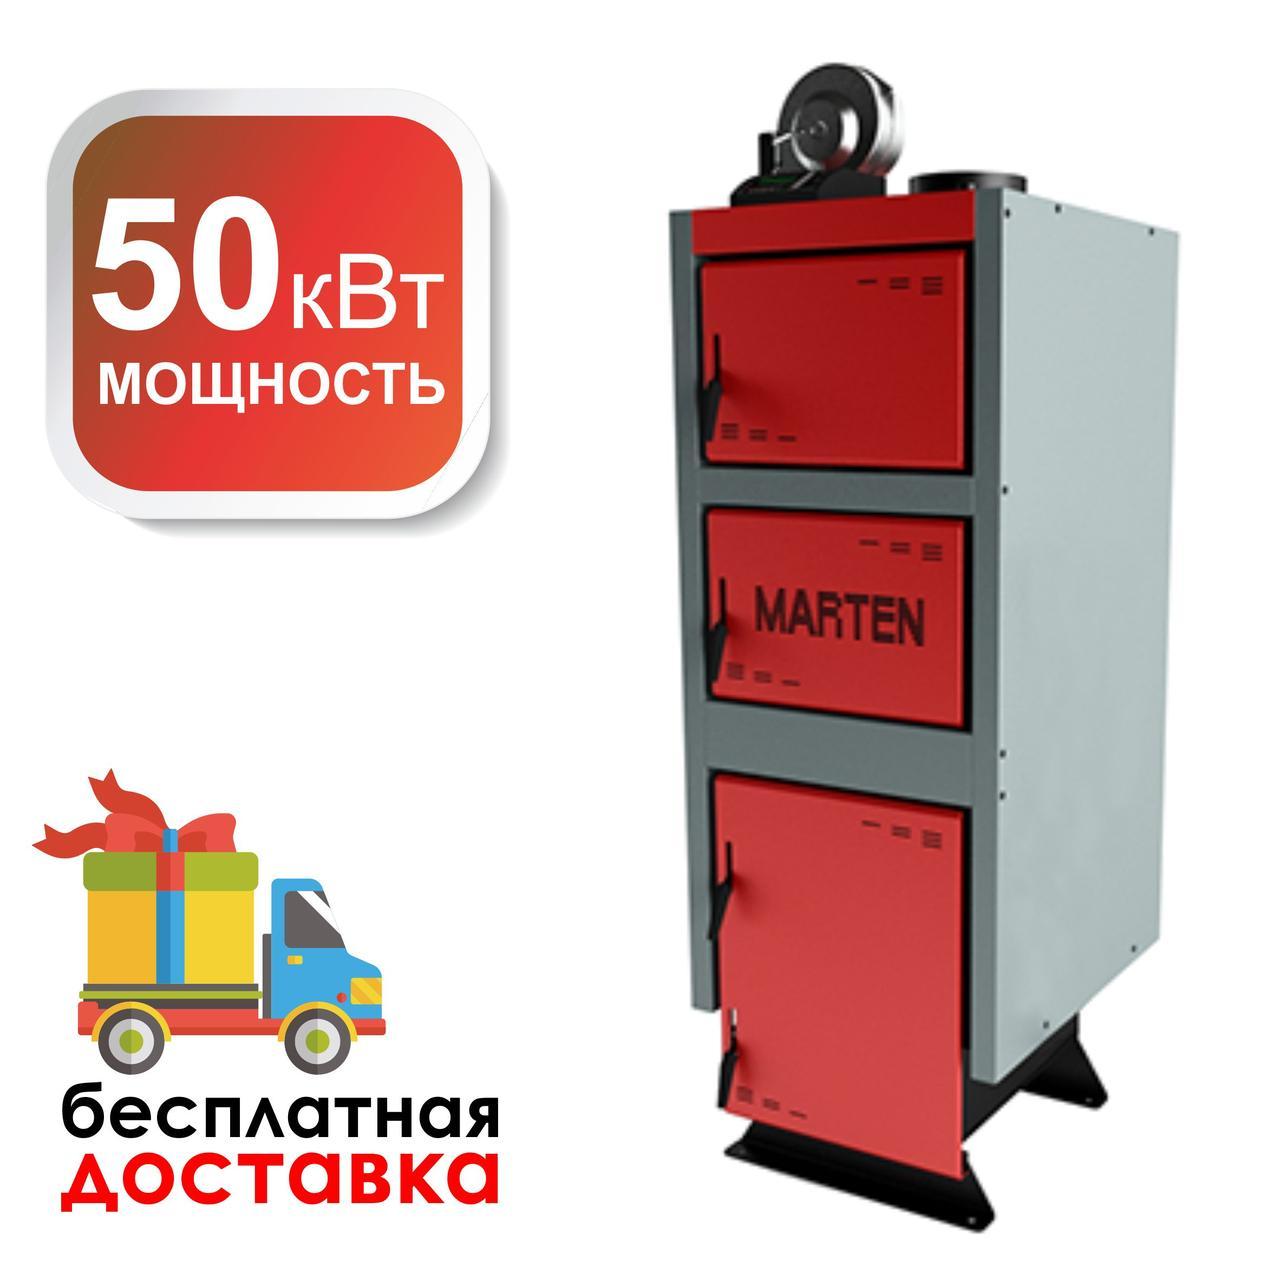 Стальной котел длительного горения Marten Comfort MC 50